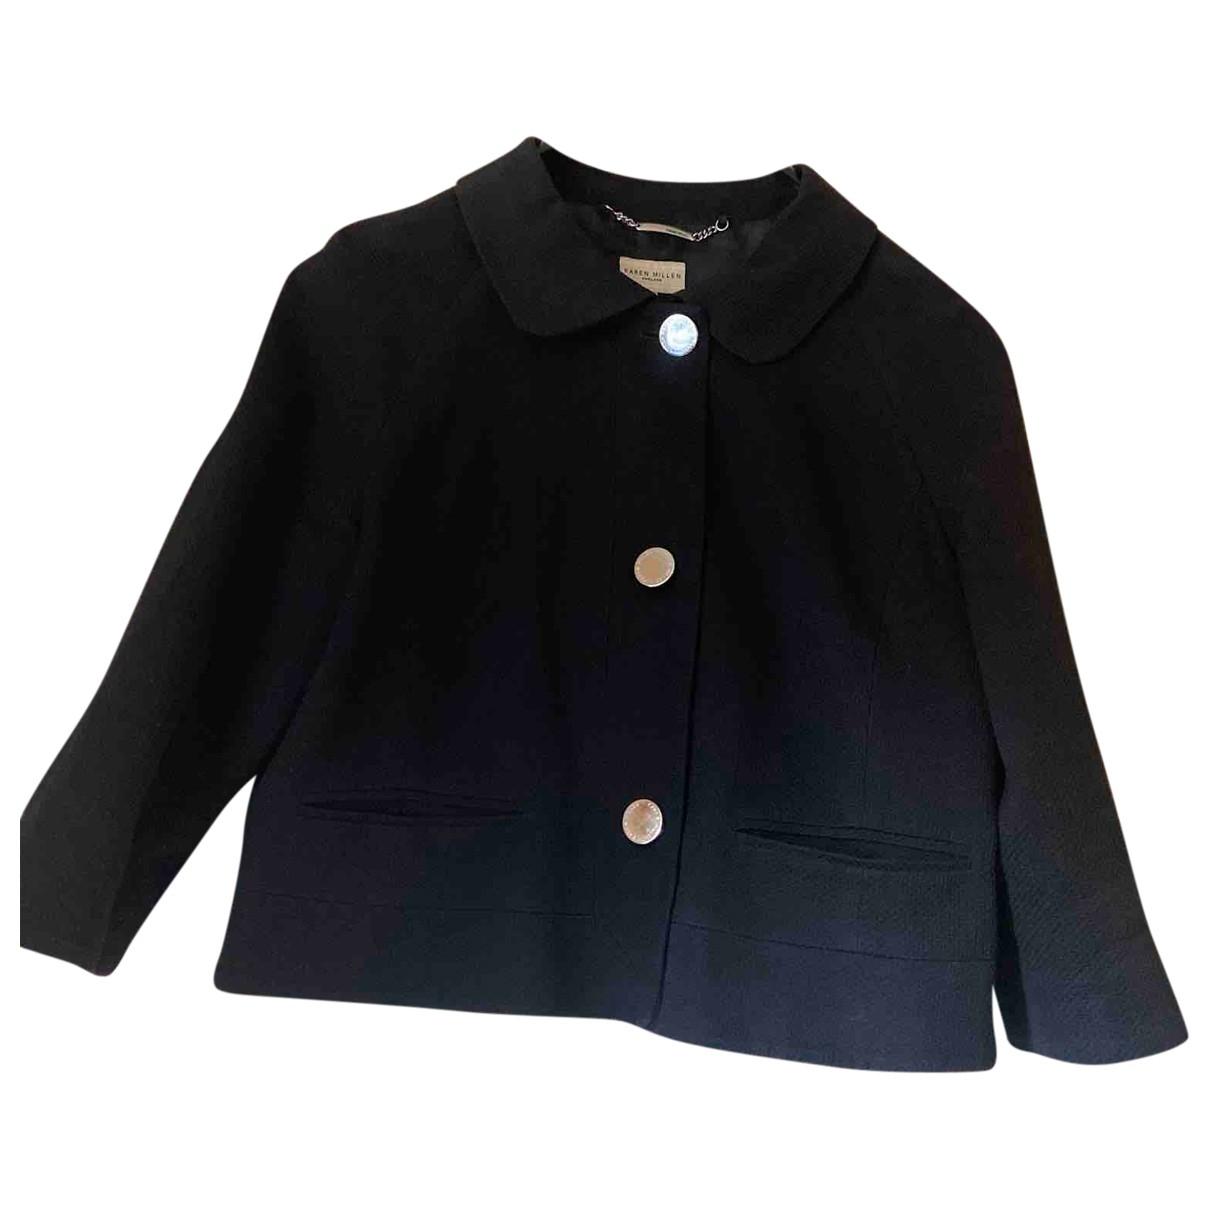 Karen Millen \N Black Cotton jacket for Women 10 US